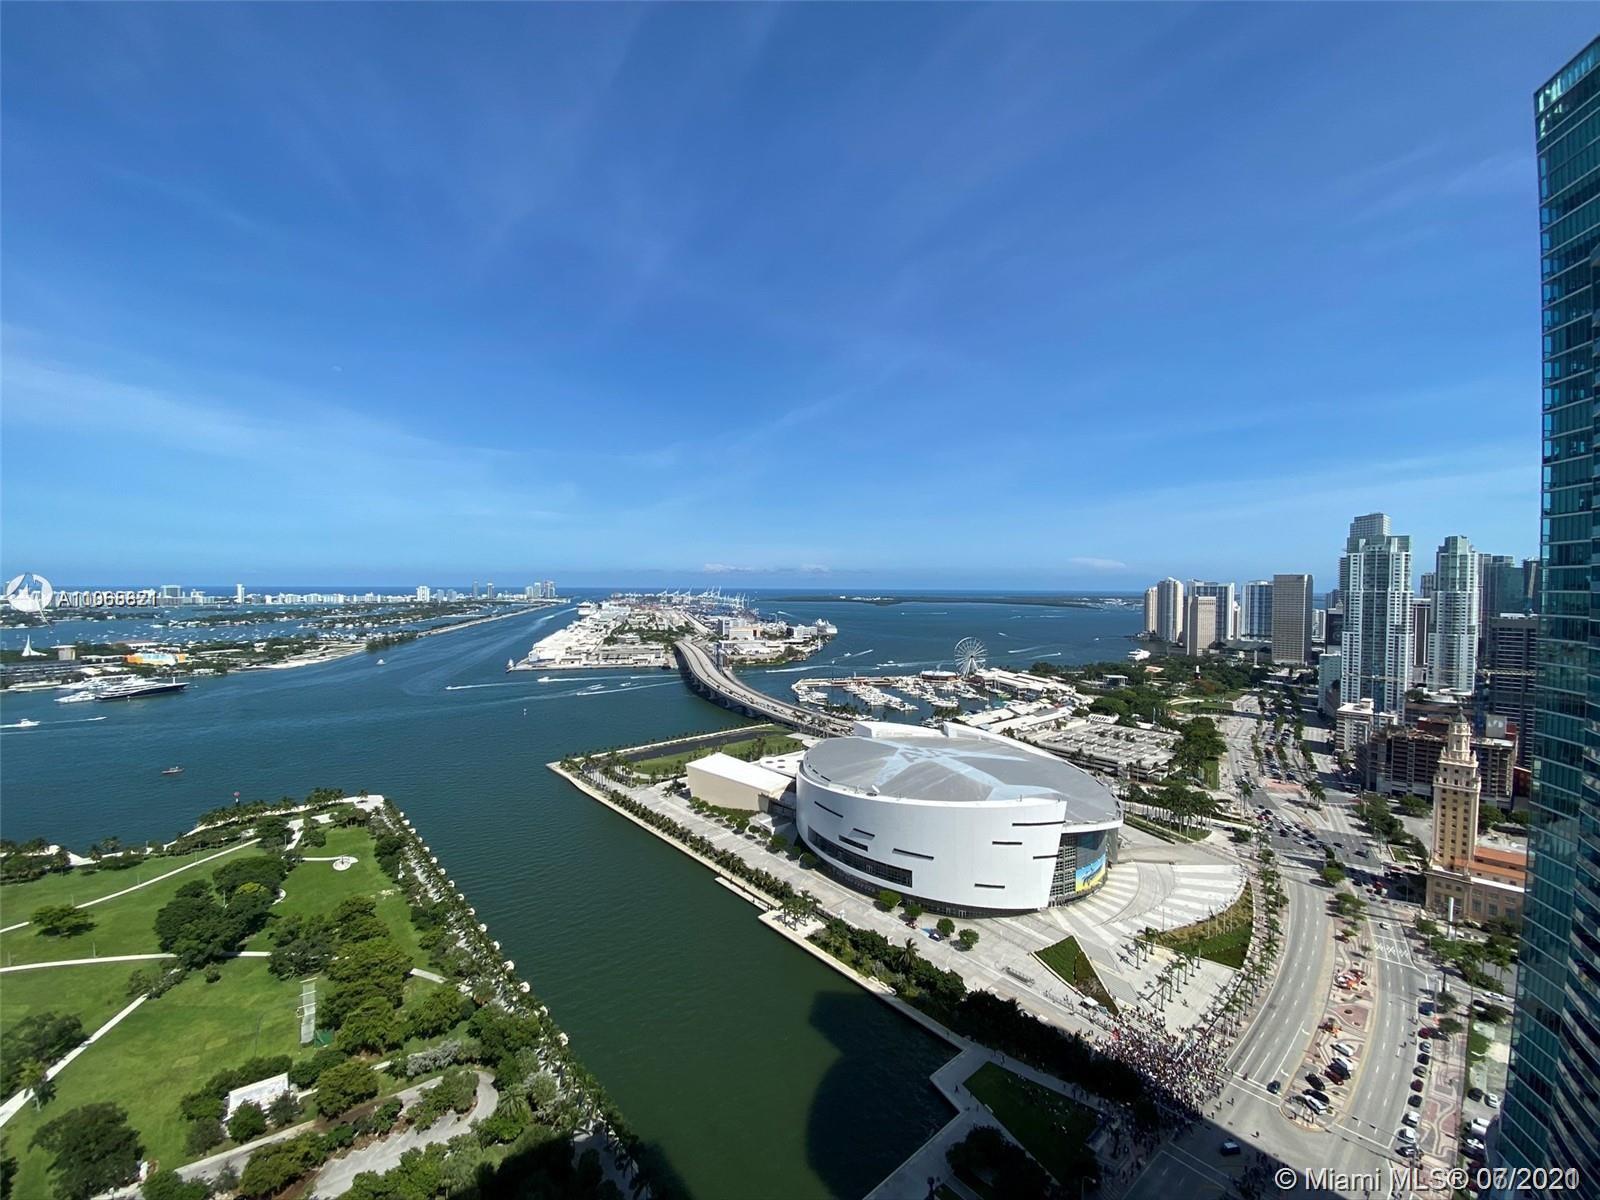 900 Biscayne Bay #4304 - 900 Biscayne Blvd #4304, Miami, FL 33132